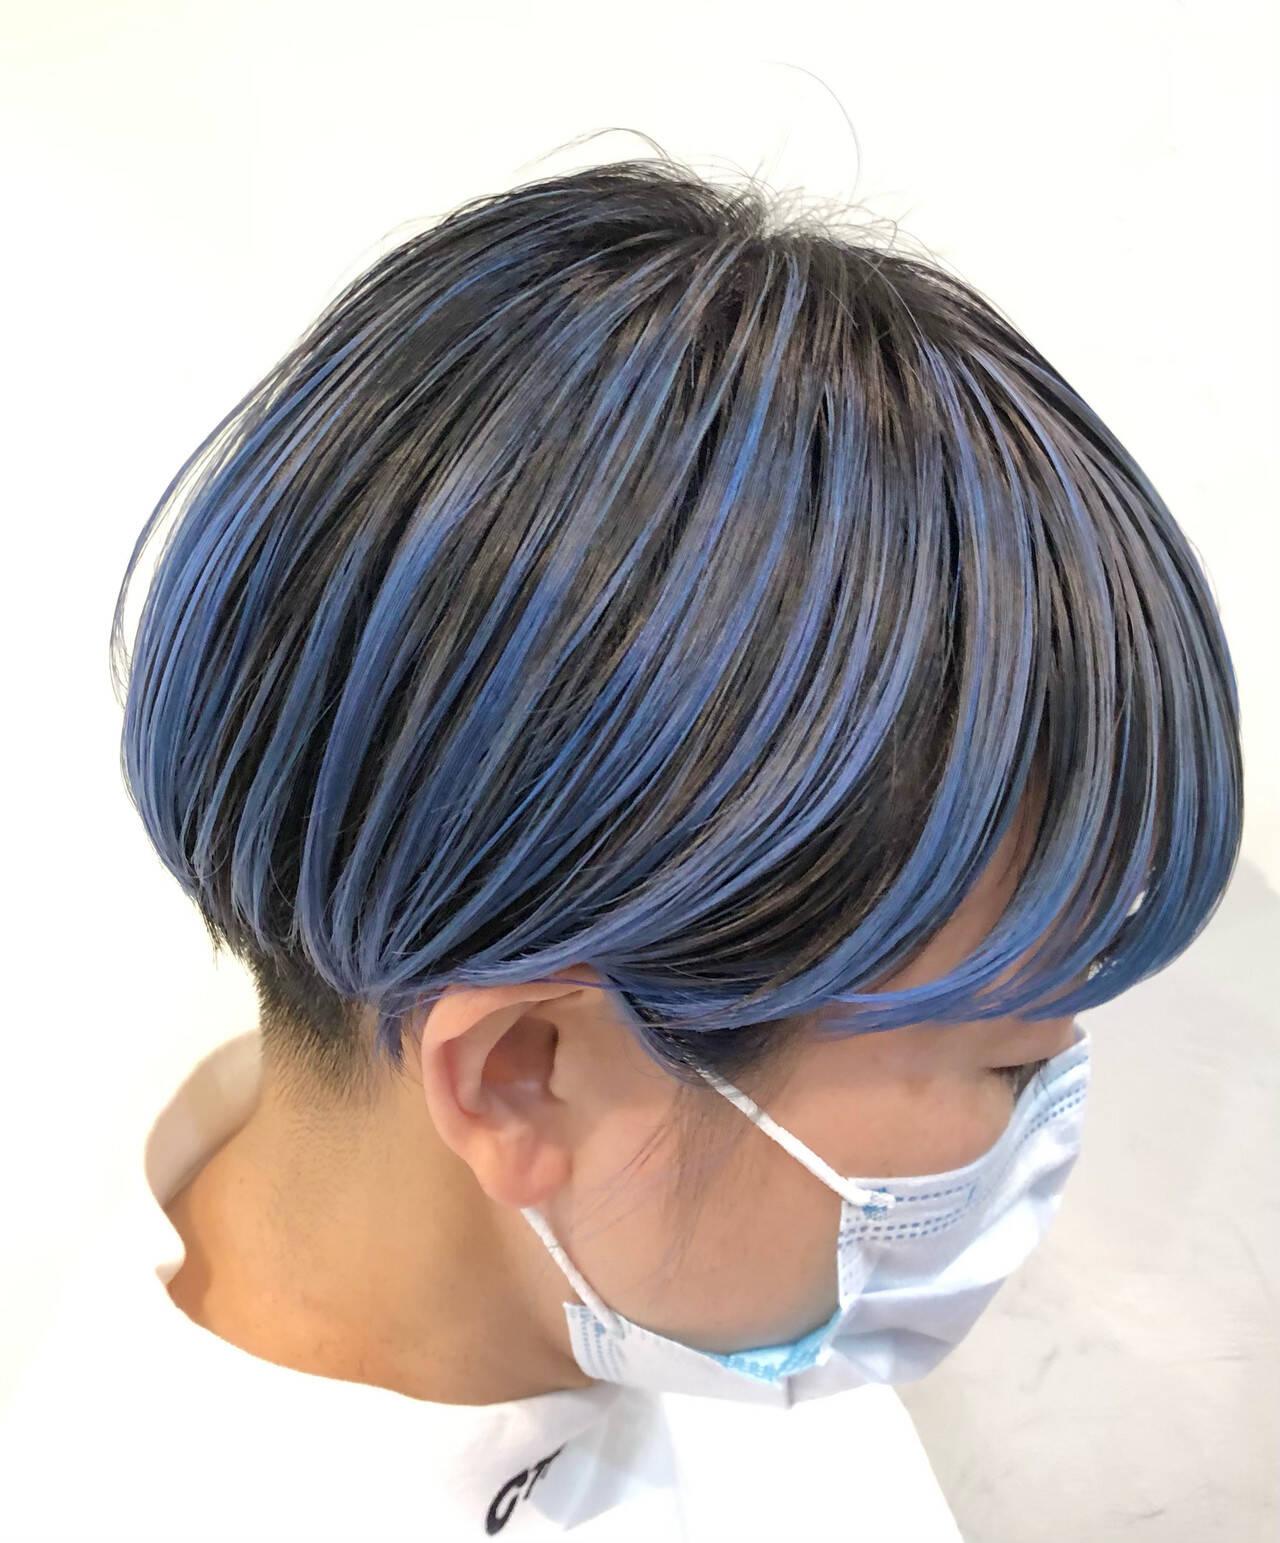 ストリート ショート ハイトーンカラー インナーカラーヘアスタイルや髪型の写真・画像